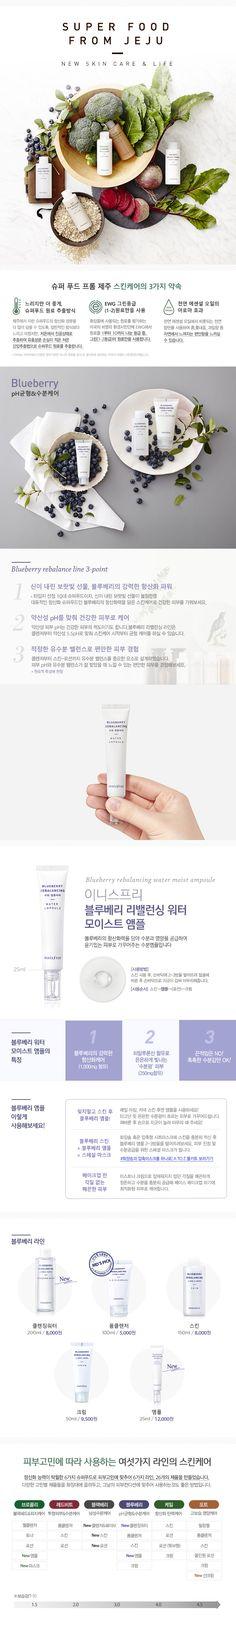 쇼핑하기 > 스킨케어 > 에센스 | Natural benefit from Jeju, innisfree